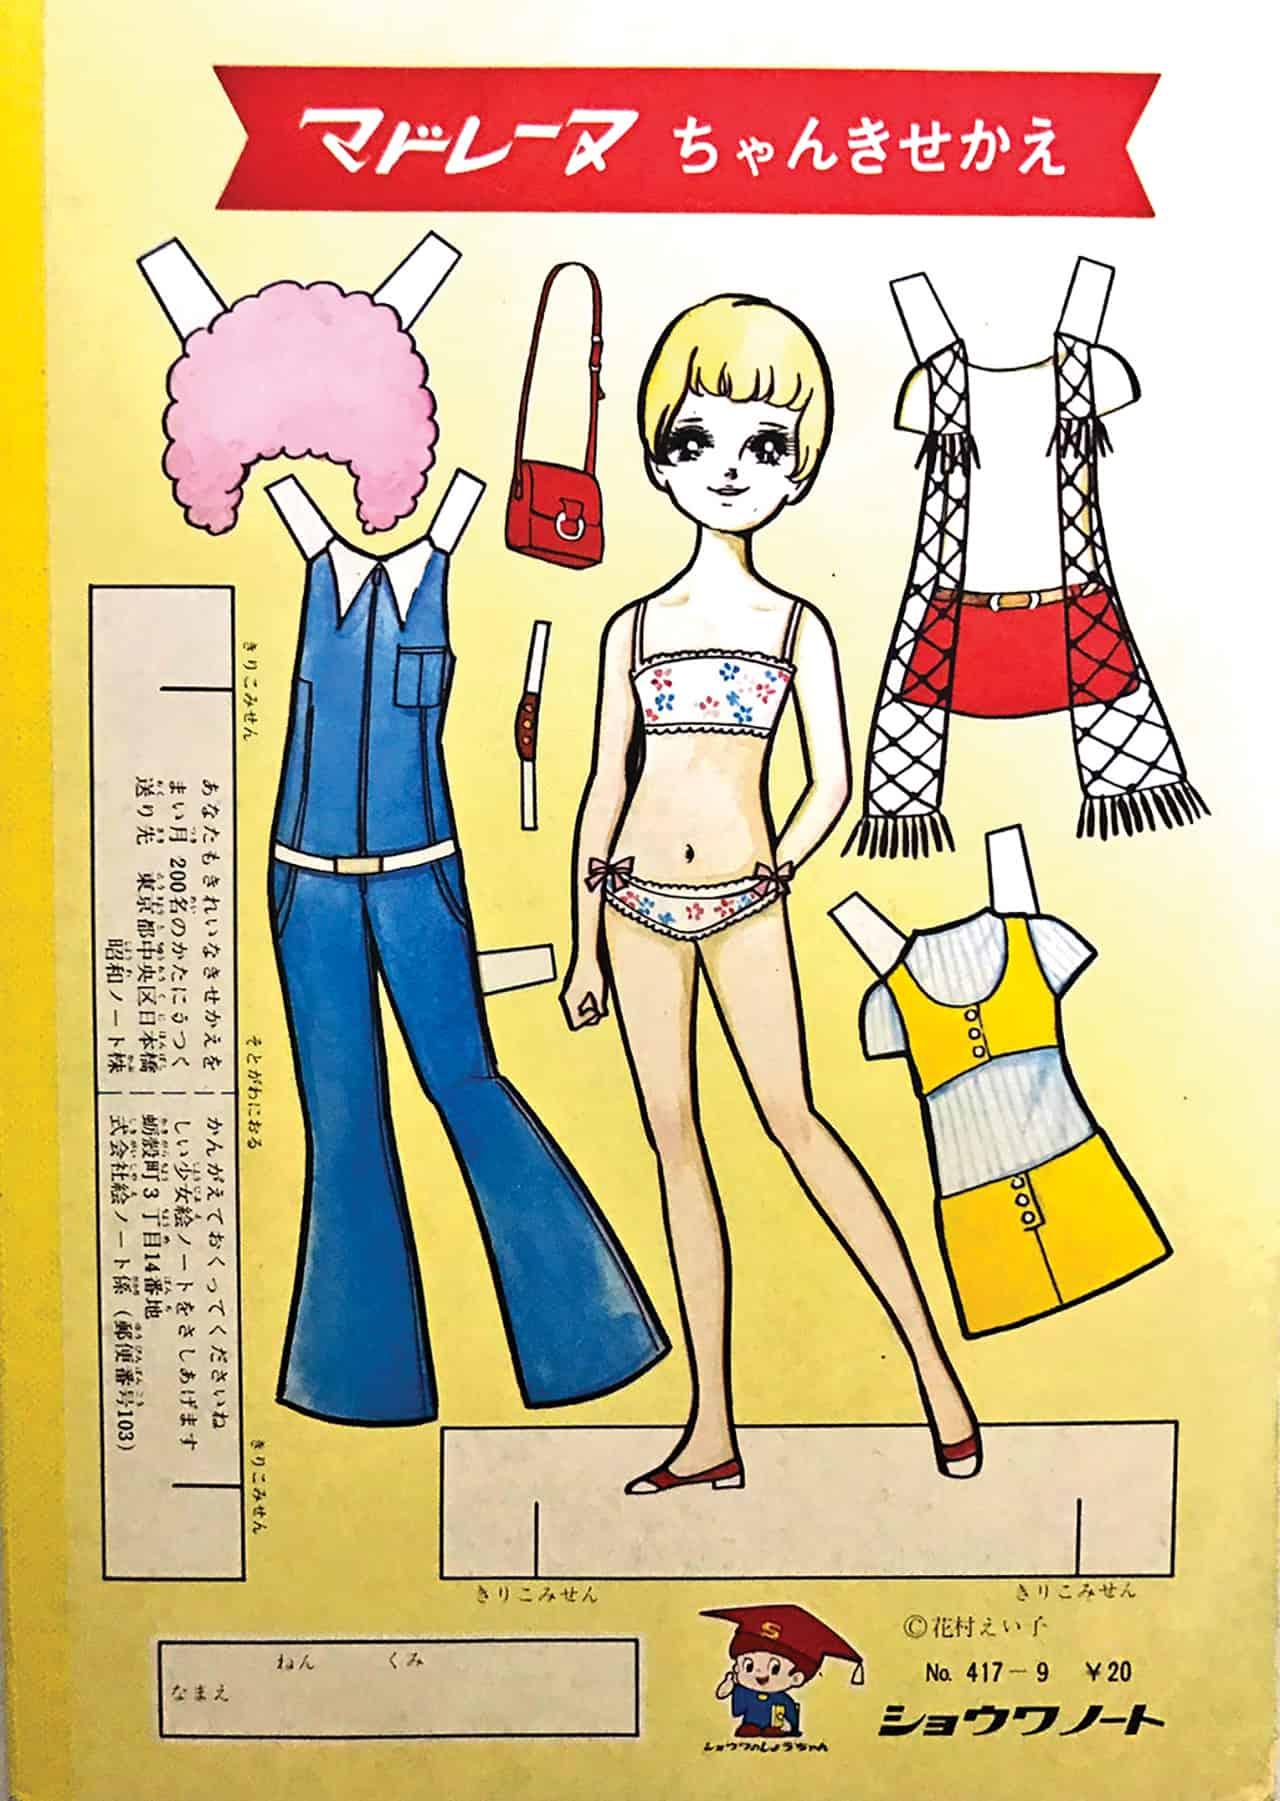 """ตุ๊กตากระดาษเปลี่ยนชุดได้ """"คิเซคาเอะนินเกียว"""" (Kisekae Ningyo)"""